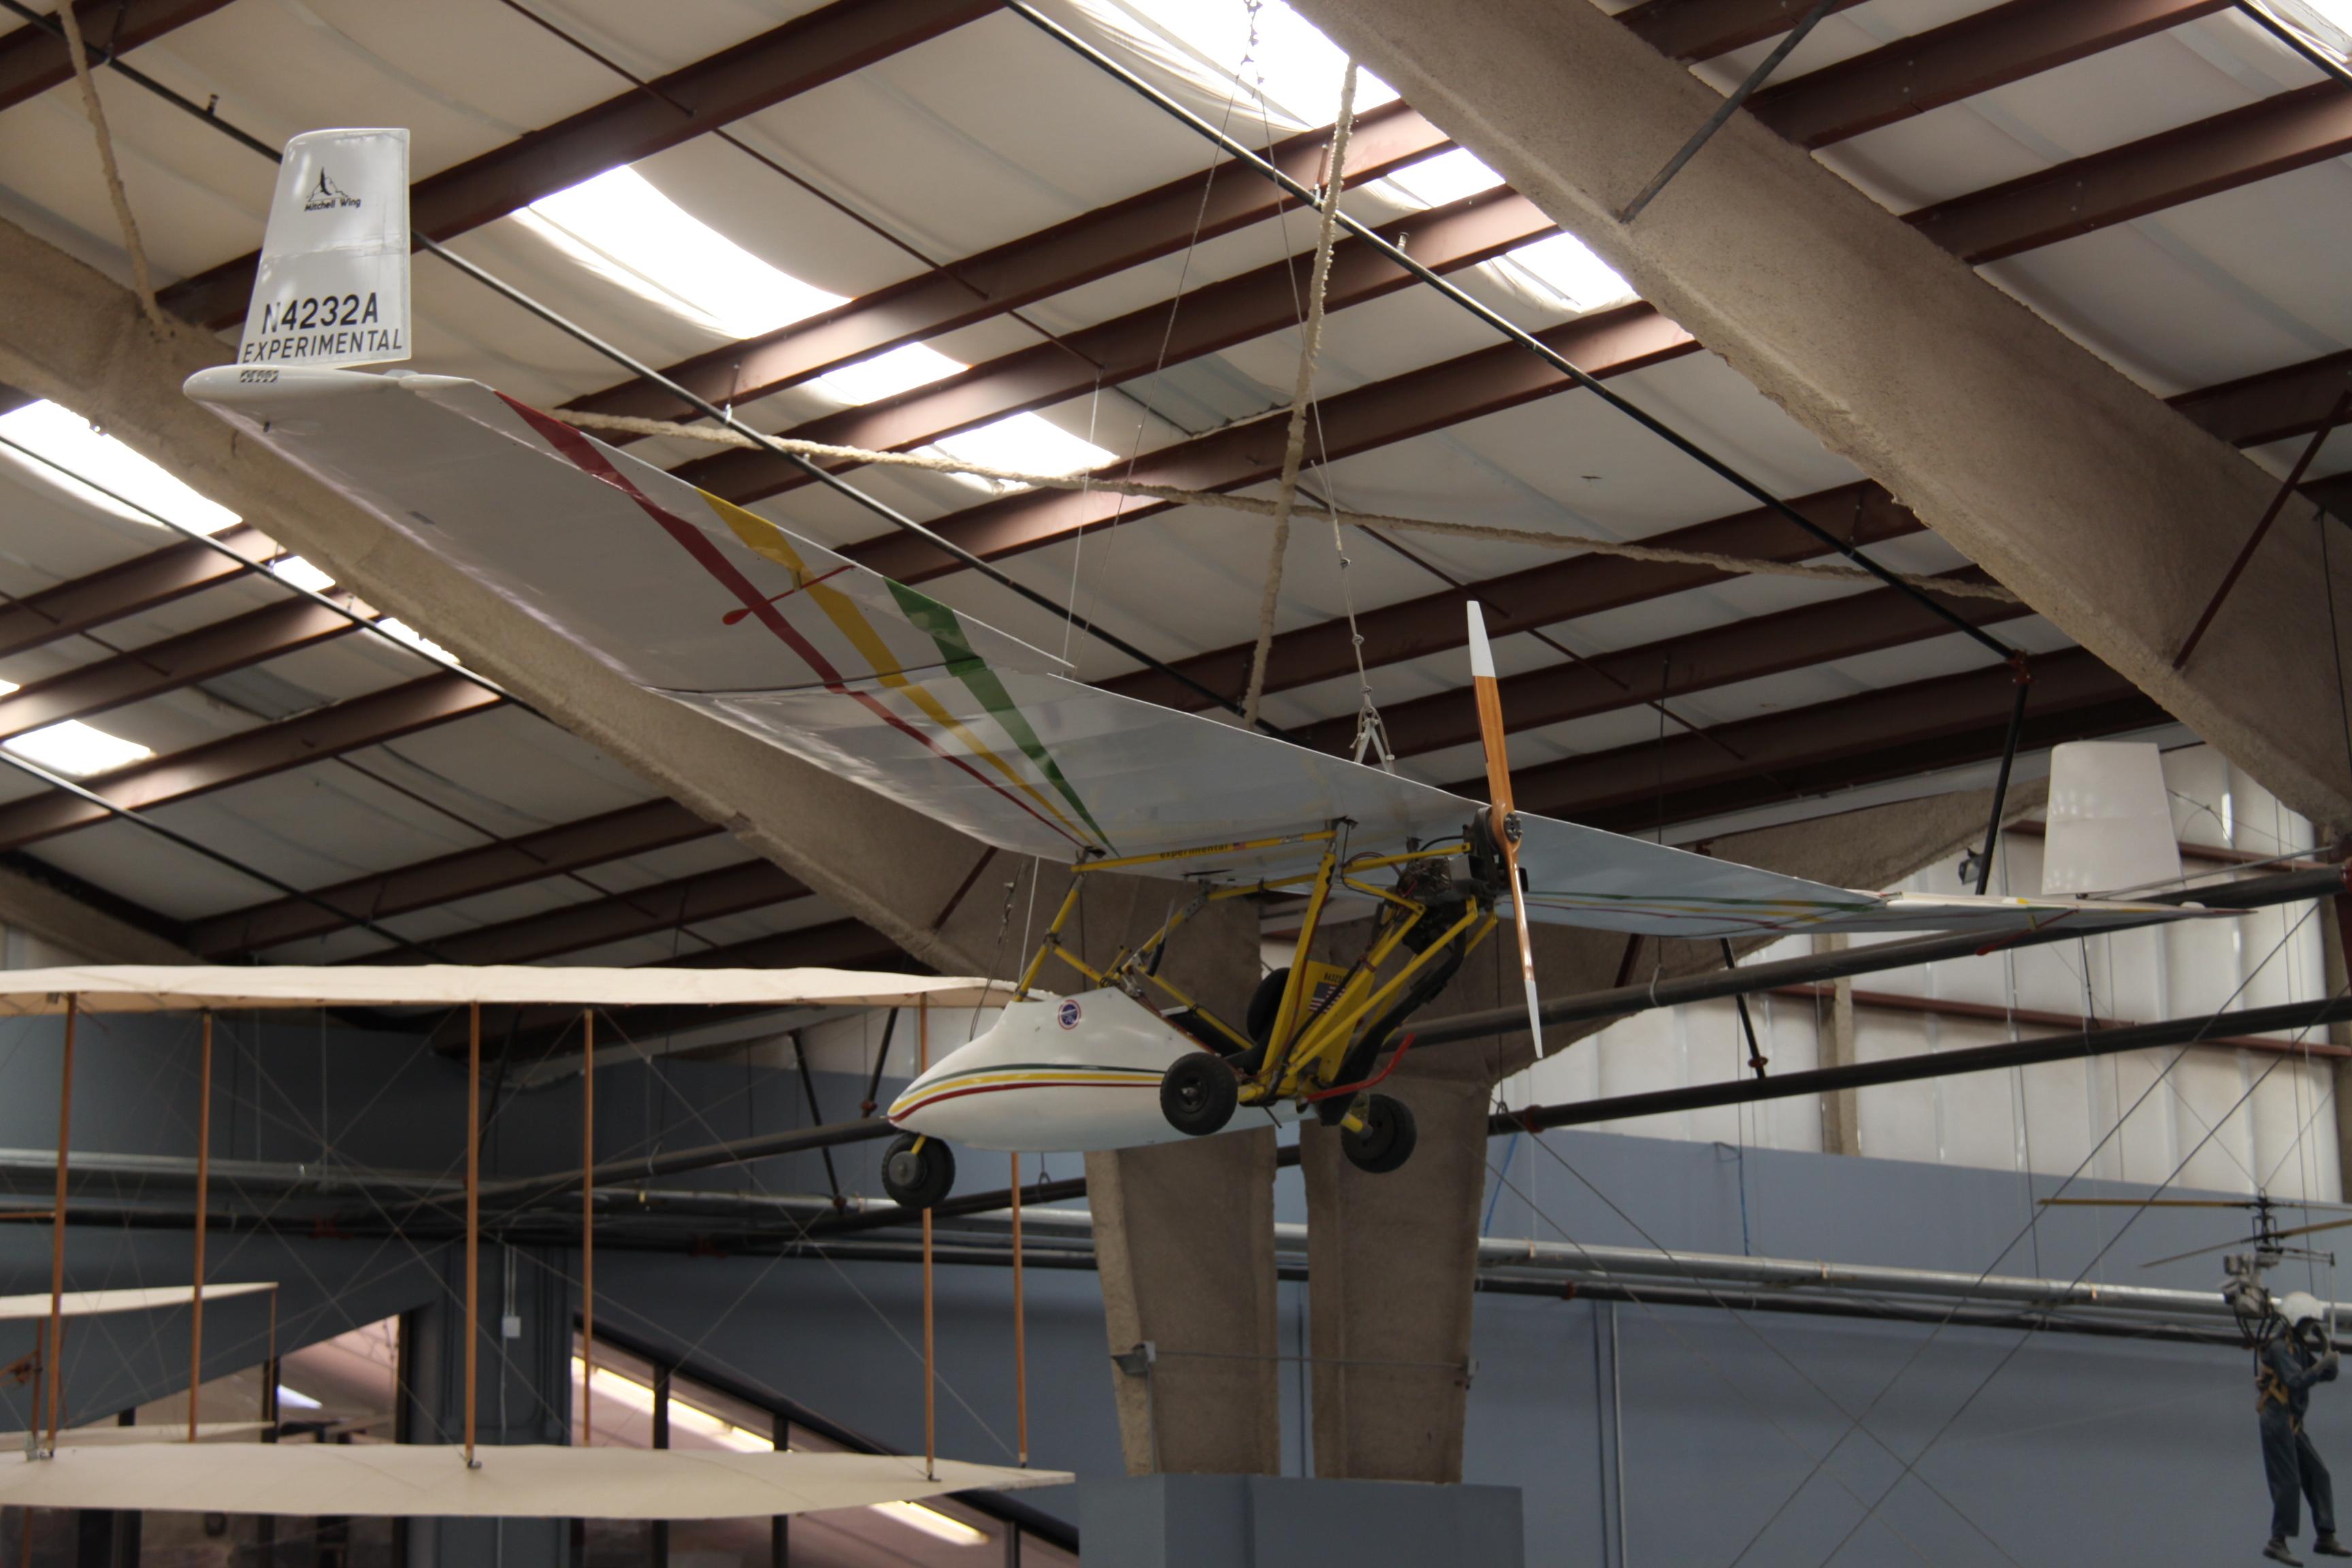 Mitchell Wing B-10 - Wikipedia